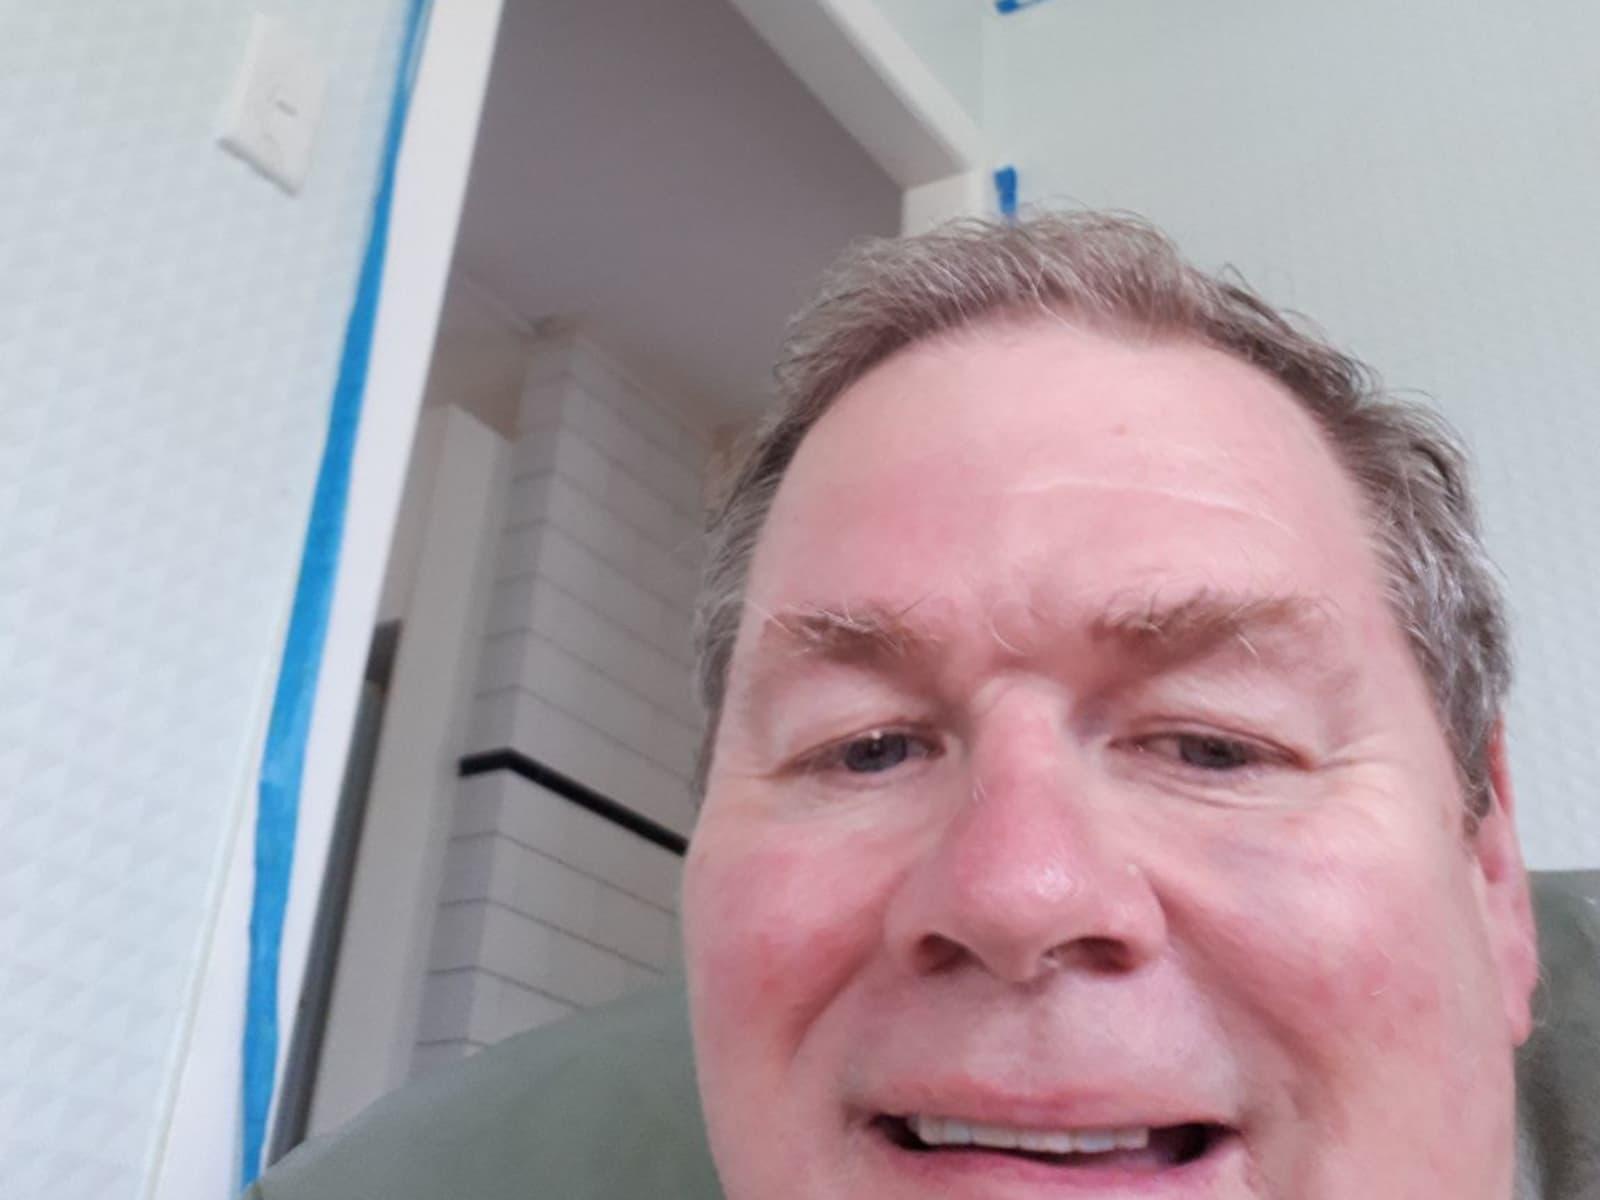 Stephen from Brisbane, Queensland, Australia